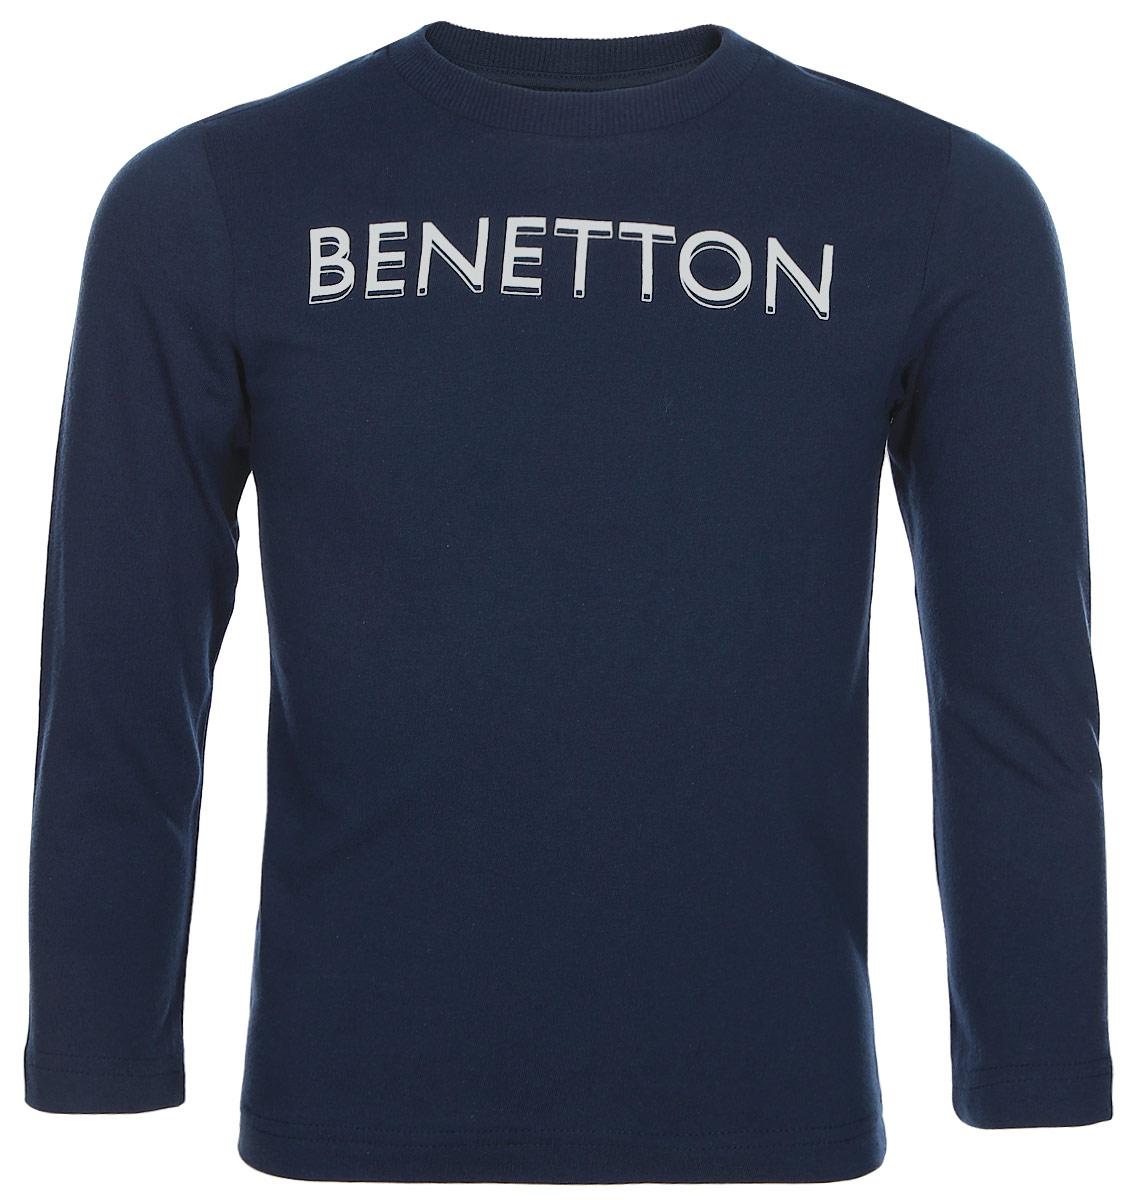 Свитшот для мальчика United Colors of Benetton, цвет: темно-синий. 3YR3C13H5_13C. Размер 1203YR3C13H5_13CСтильный свитшот для мальчика, выполненный из натурального хлопка, отлично дополнит гардероб вашего модника. Модель с длинными рукавами и круглым вырезом горловины спереди оформлена надписью Benetton. Горловина дополнена трикотажной резинкой.